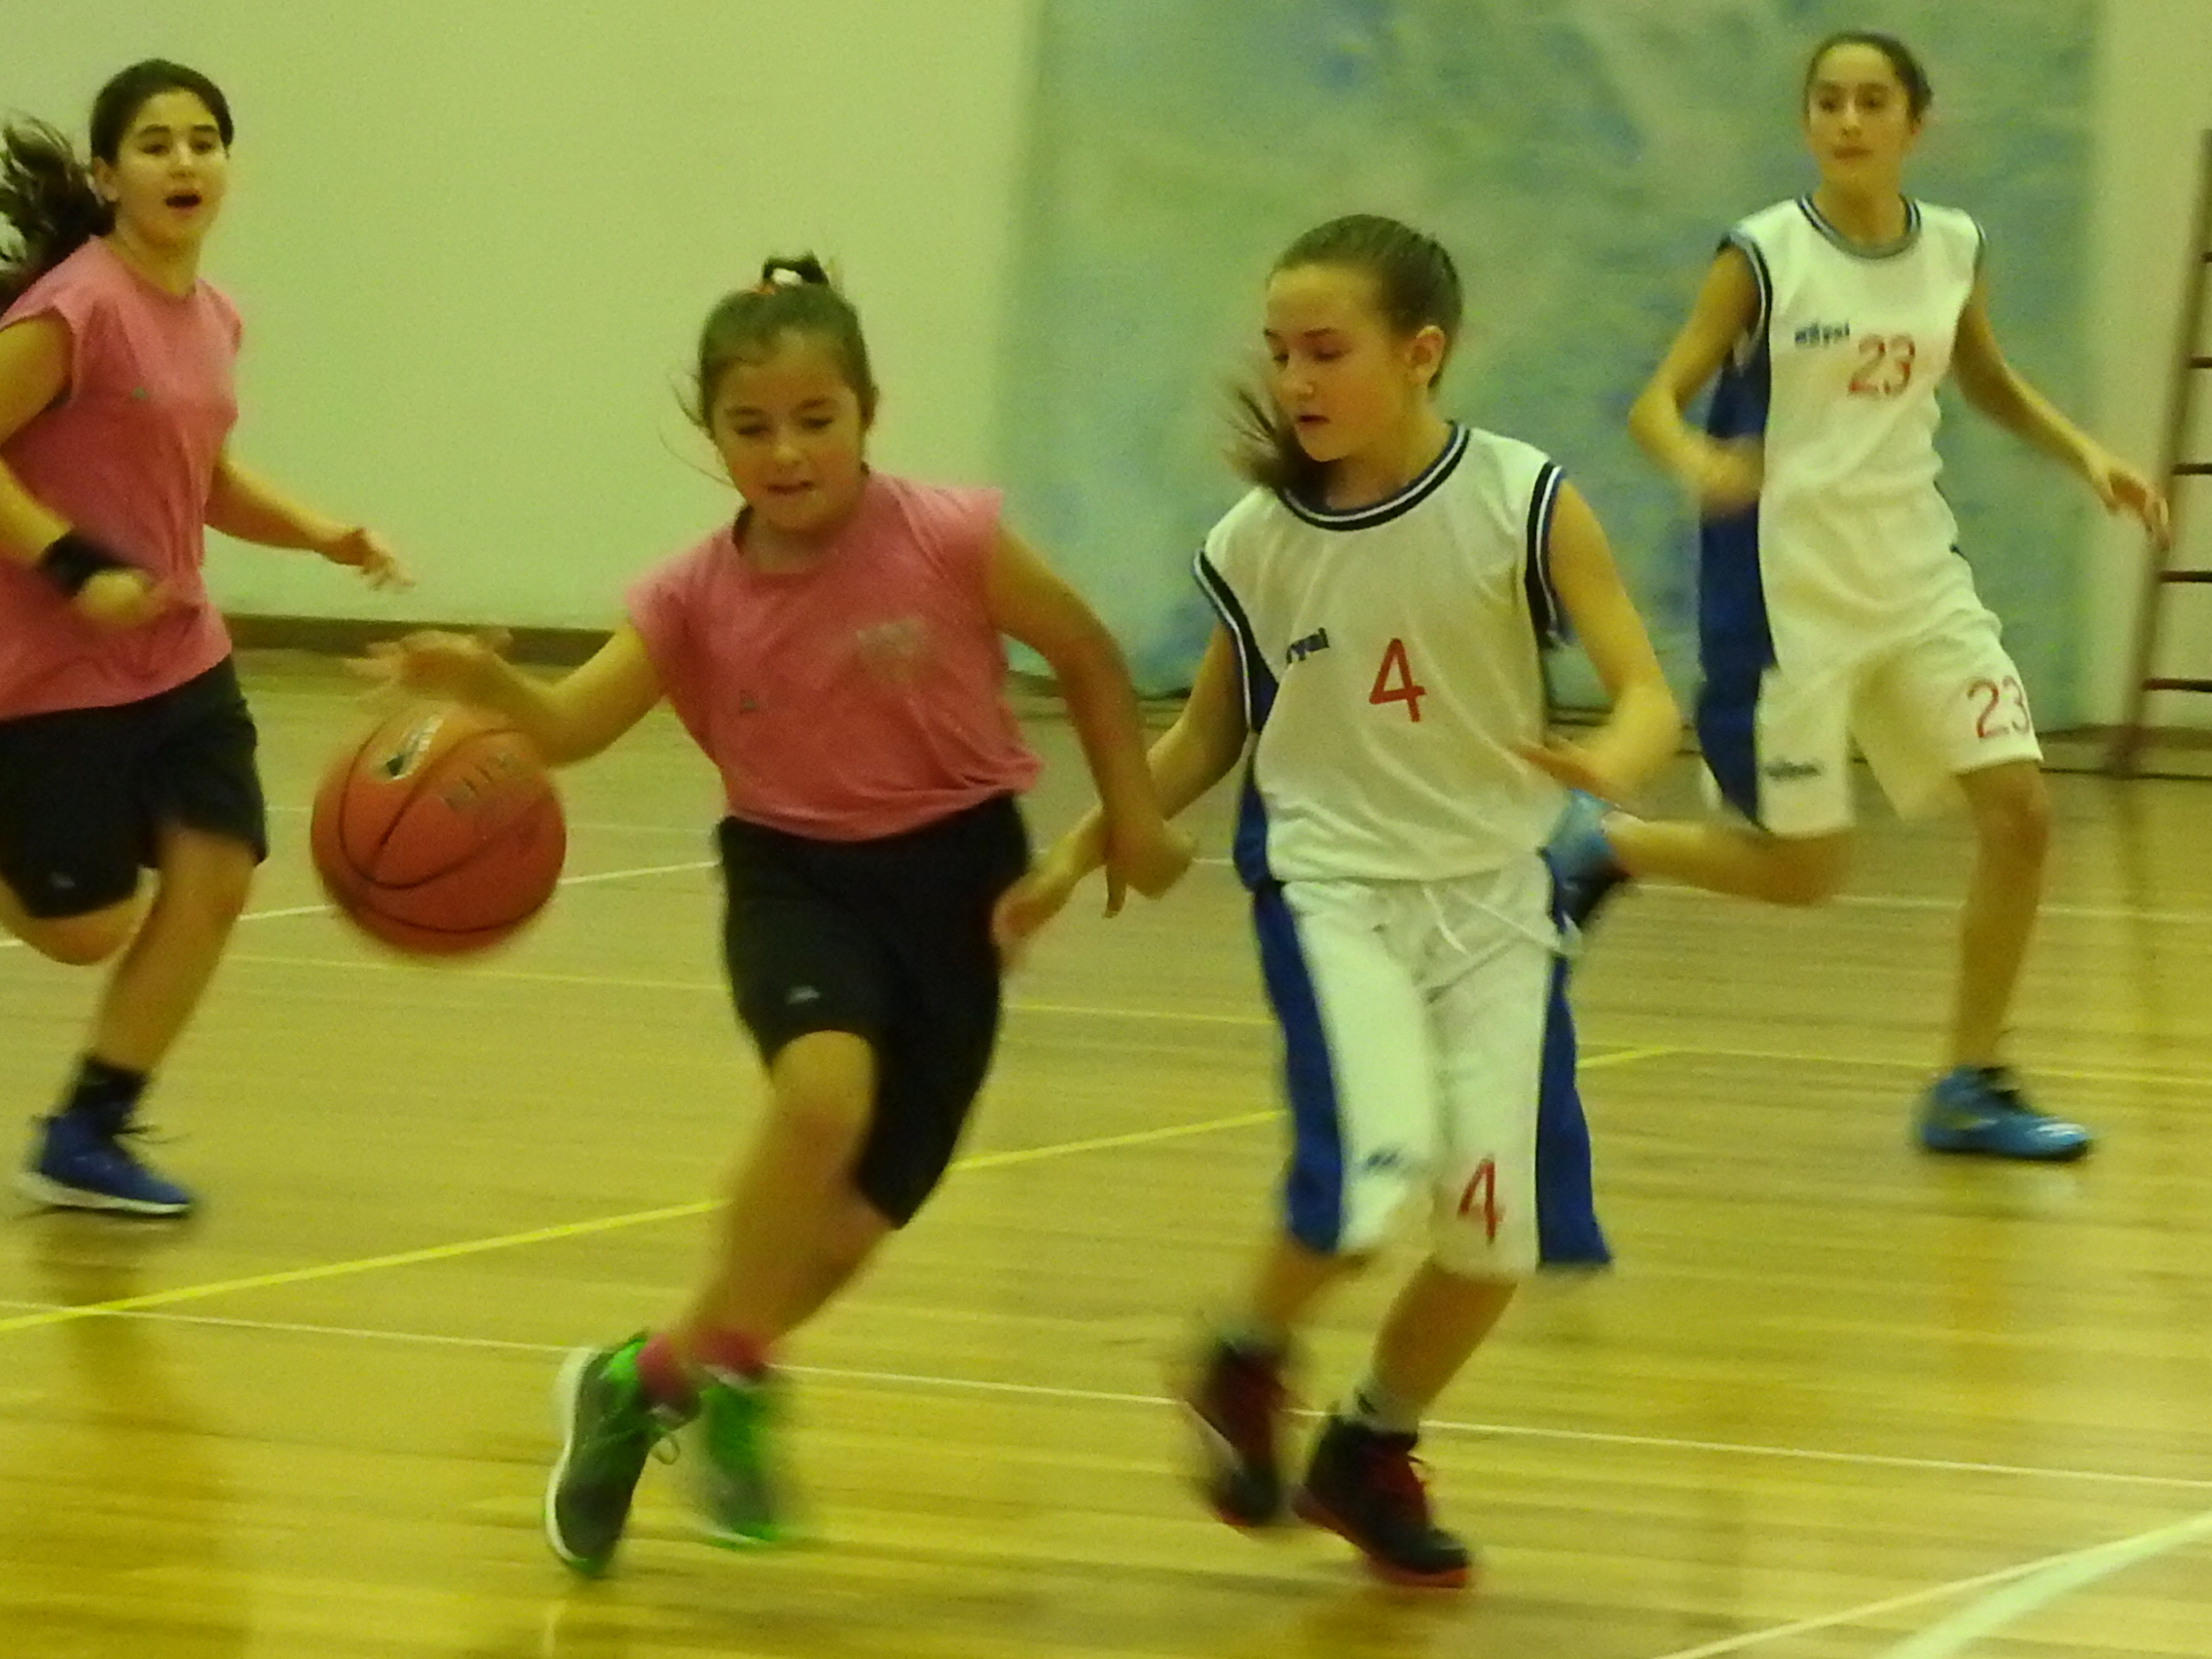 Τουρνουά Υποδομών - Η χαρά του μπάσκετ για τα παιδιά